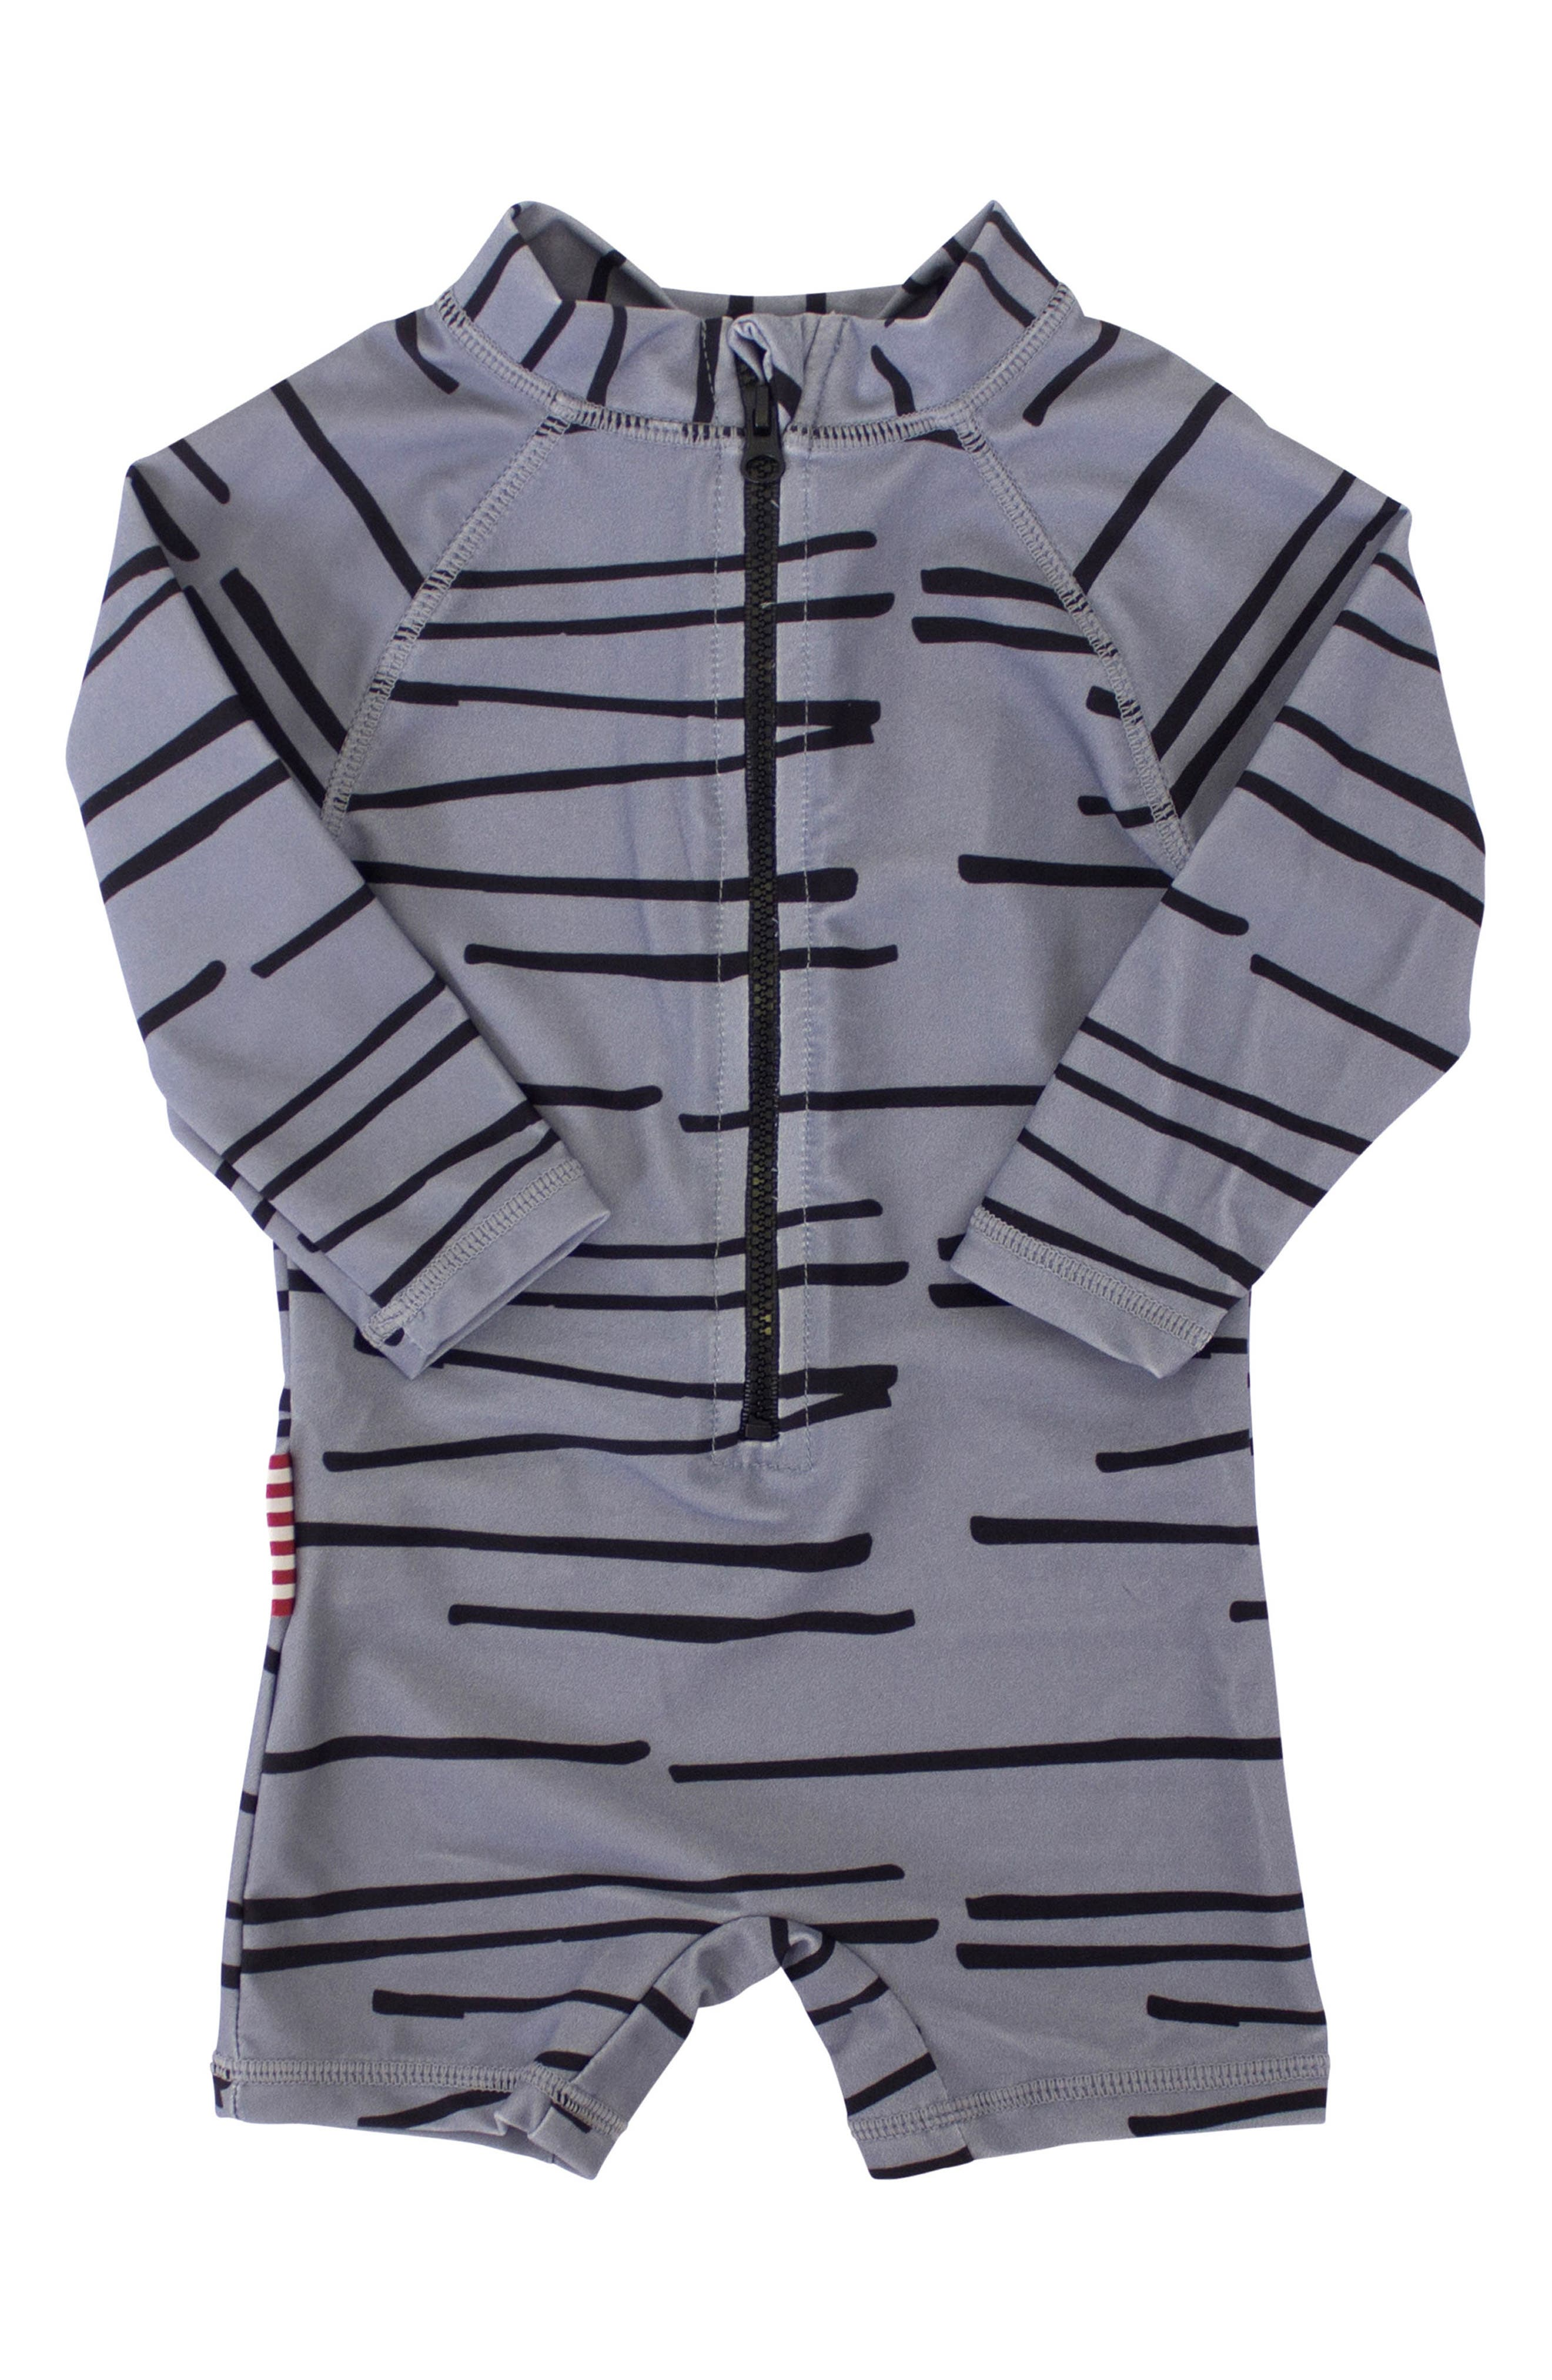 SOOKIbaby Tiger Stripe One-Piece Rashguard Swimsuit (Baby)